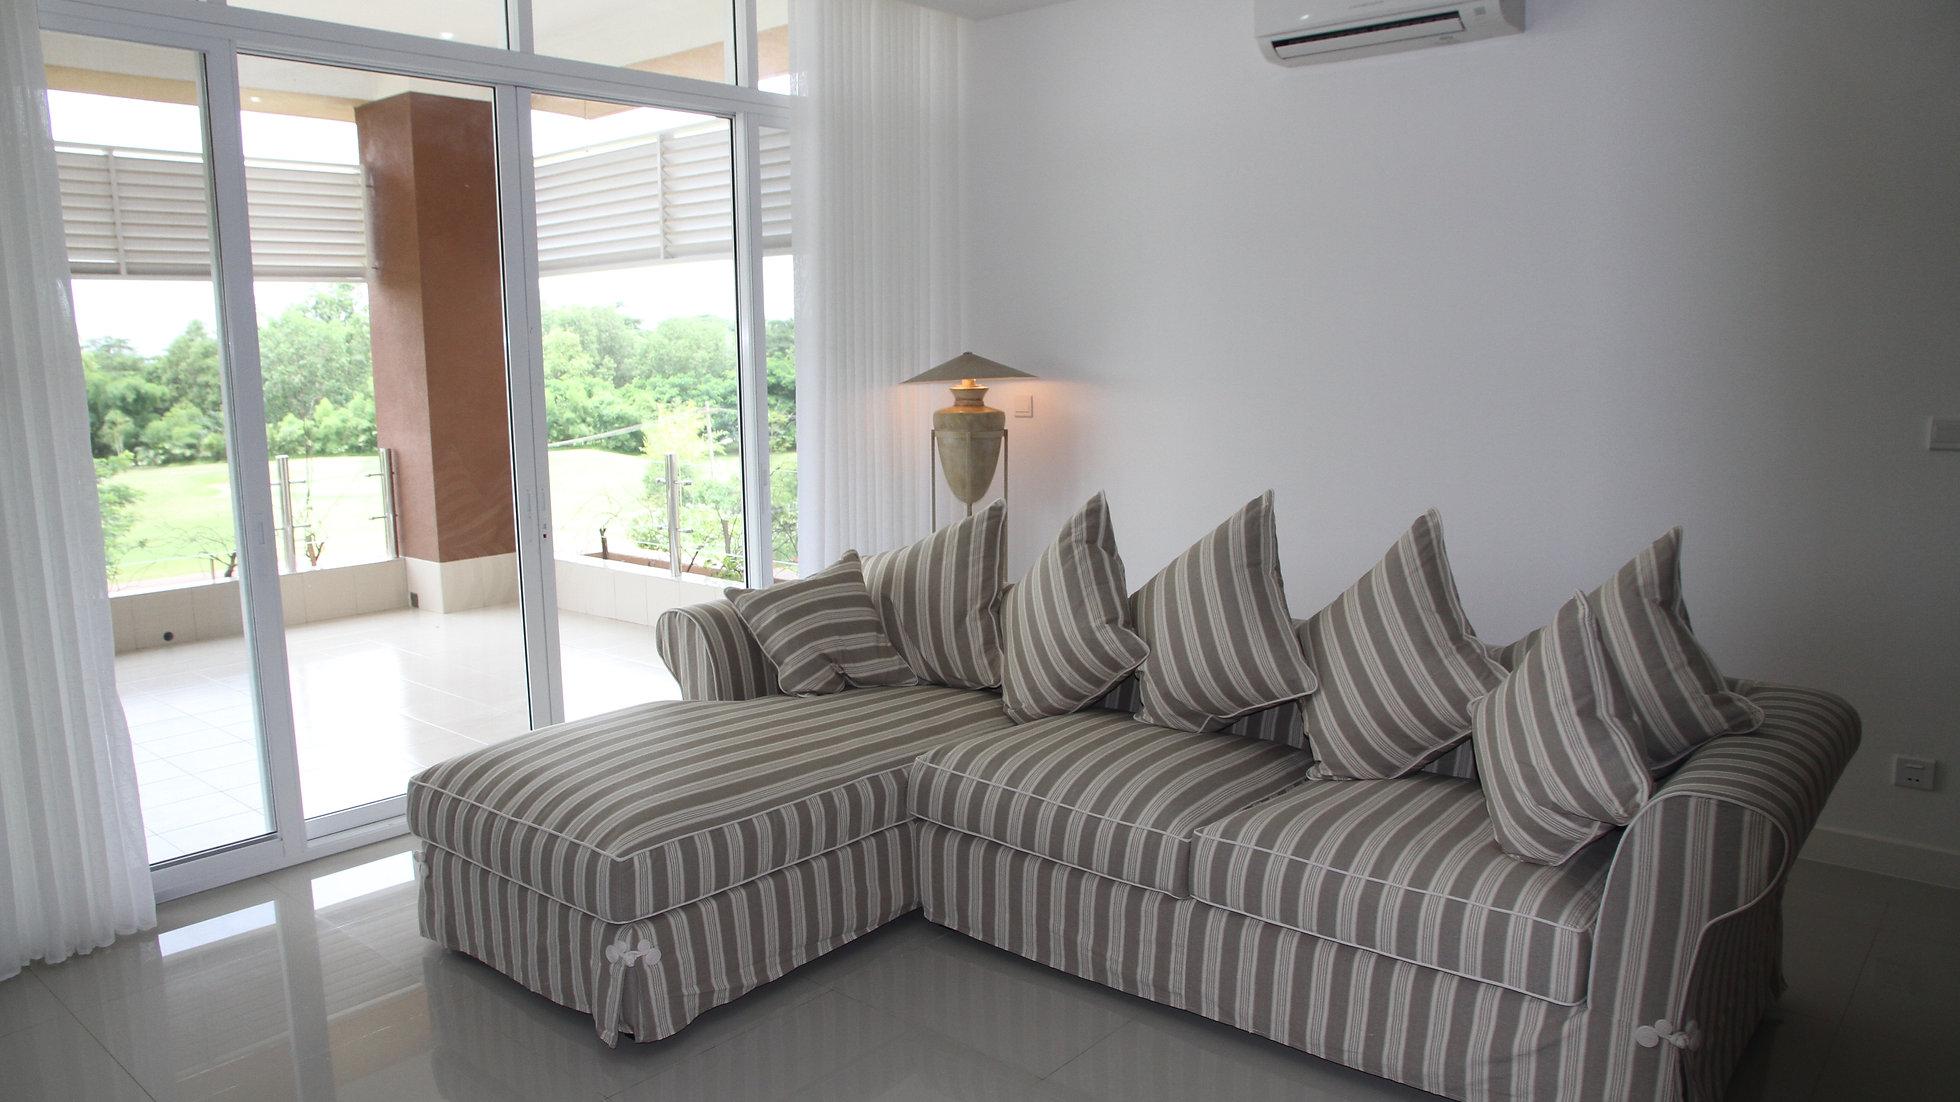 Lakeview Apartment (Unfurnished) | Punhlaingestate